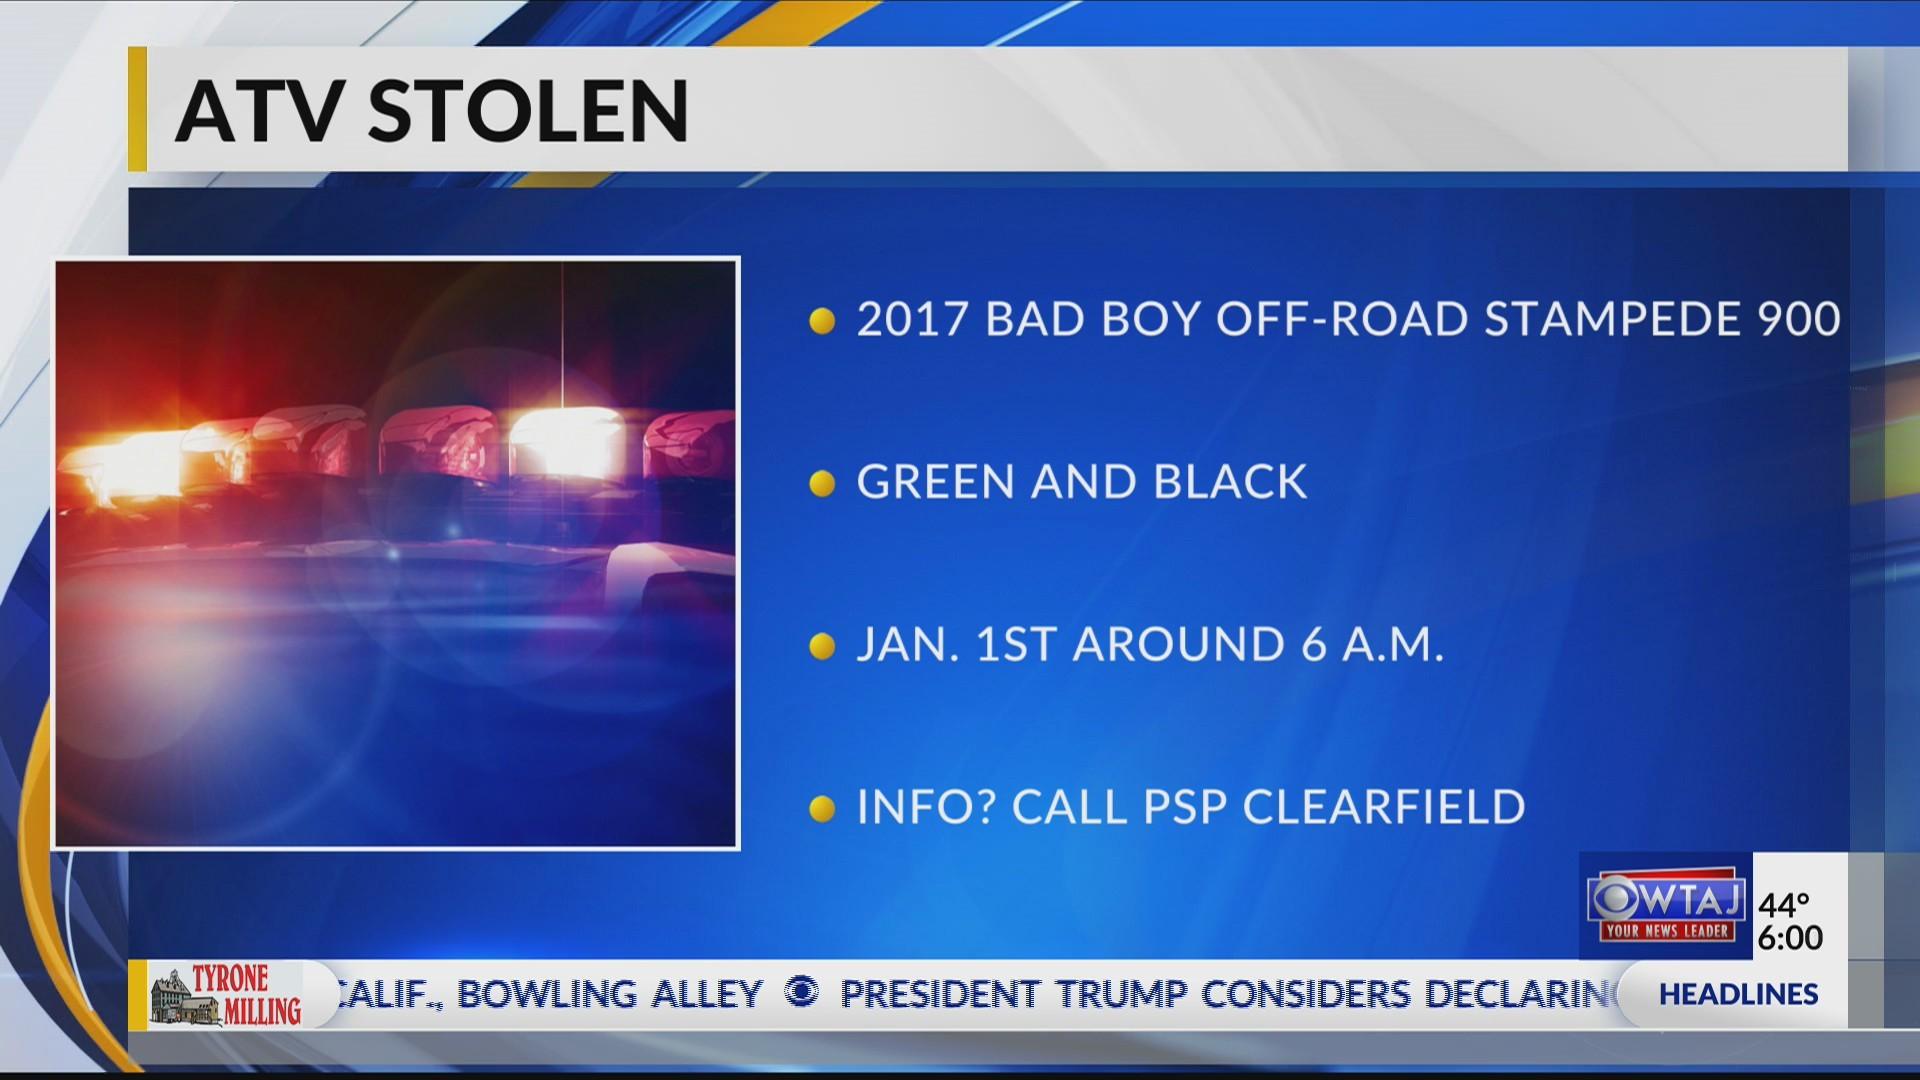 ATV stolen